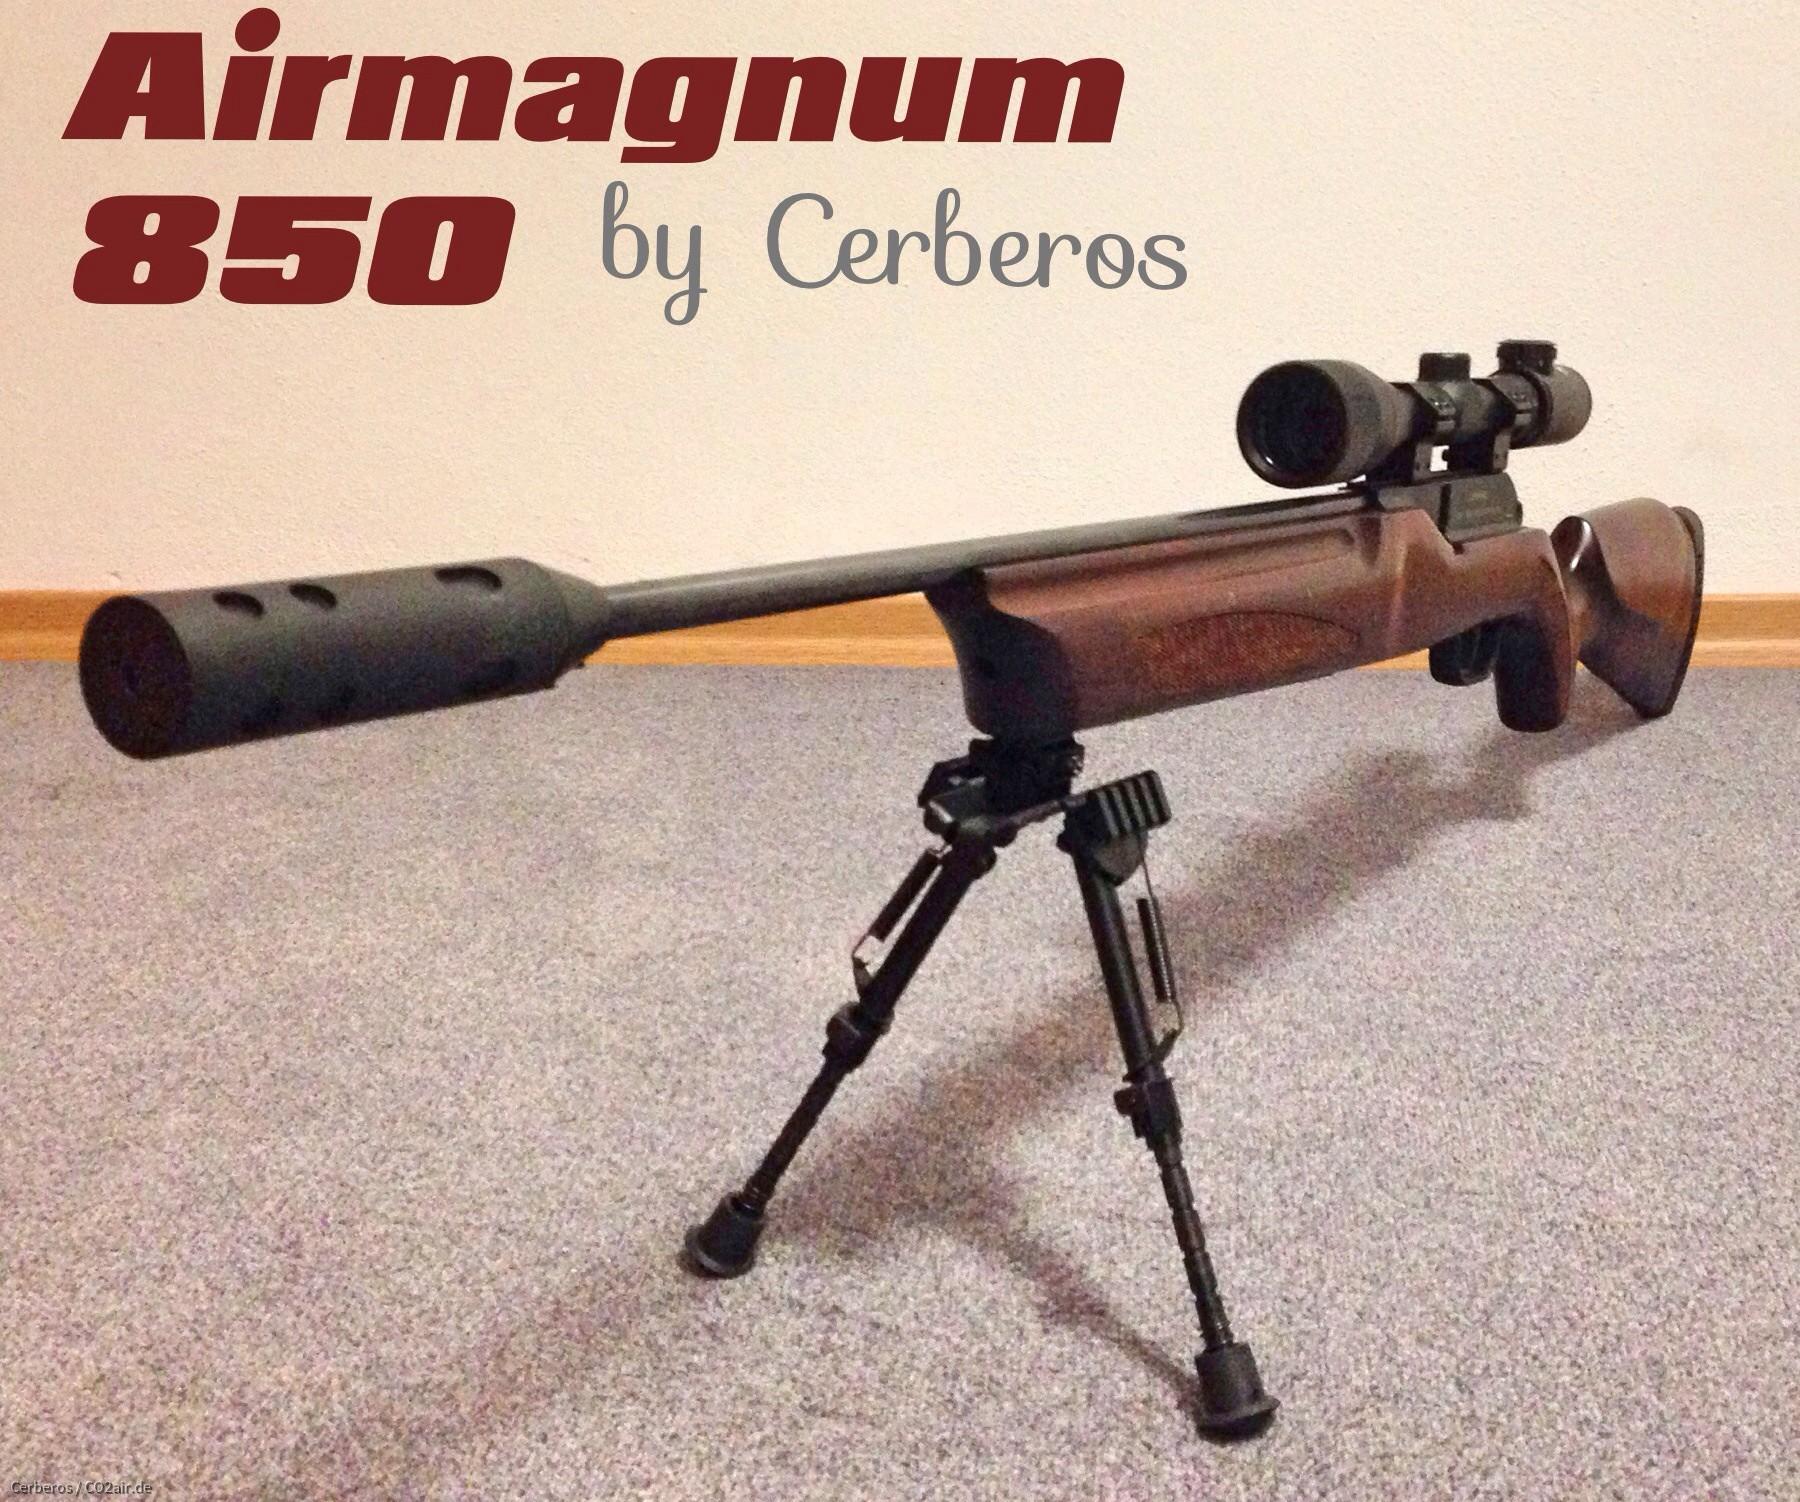 Airmagnum 850